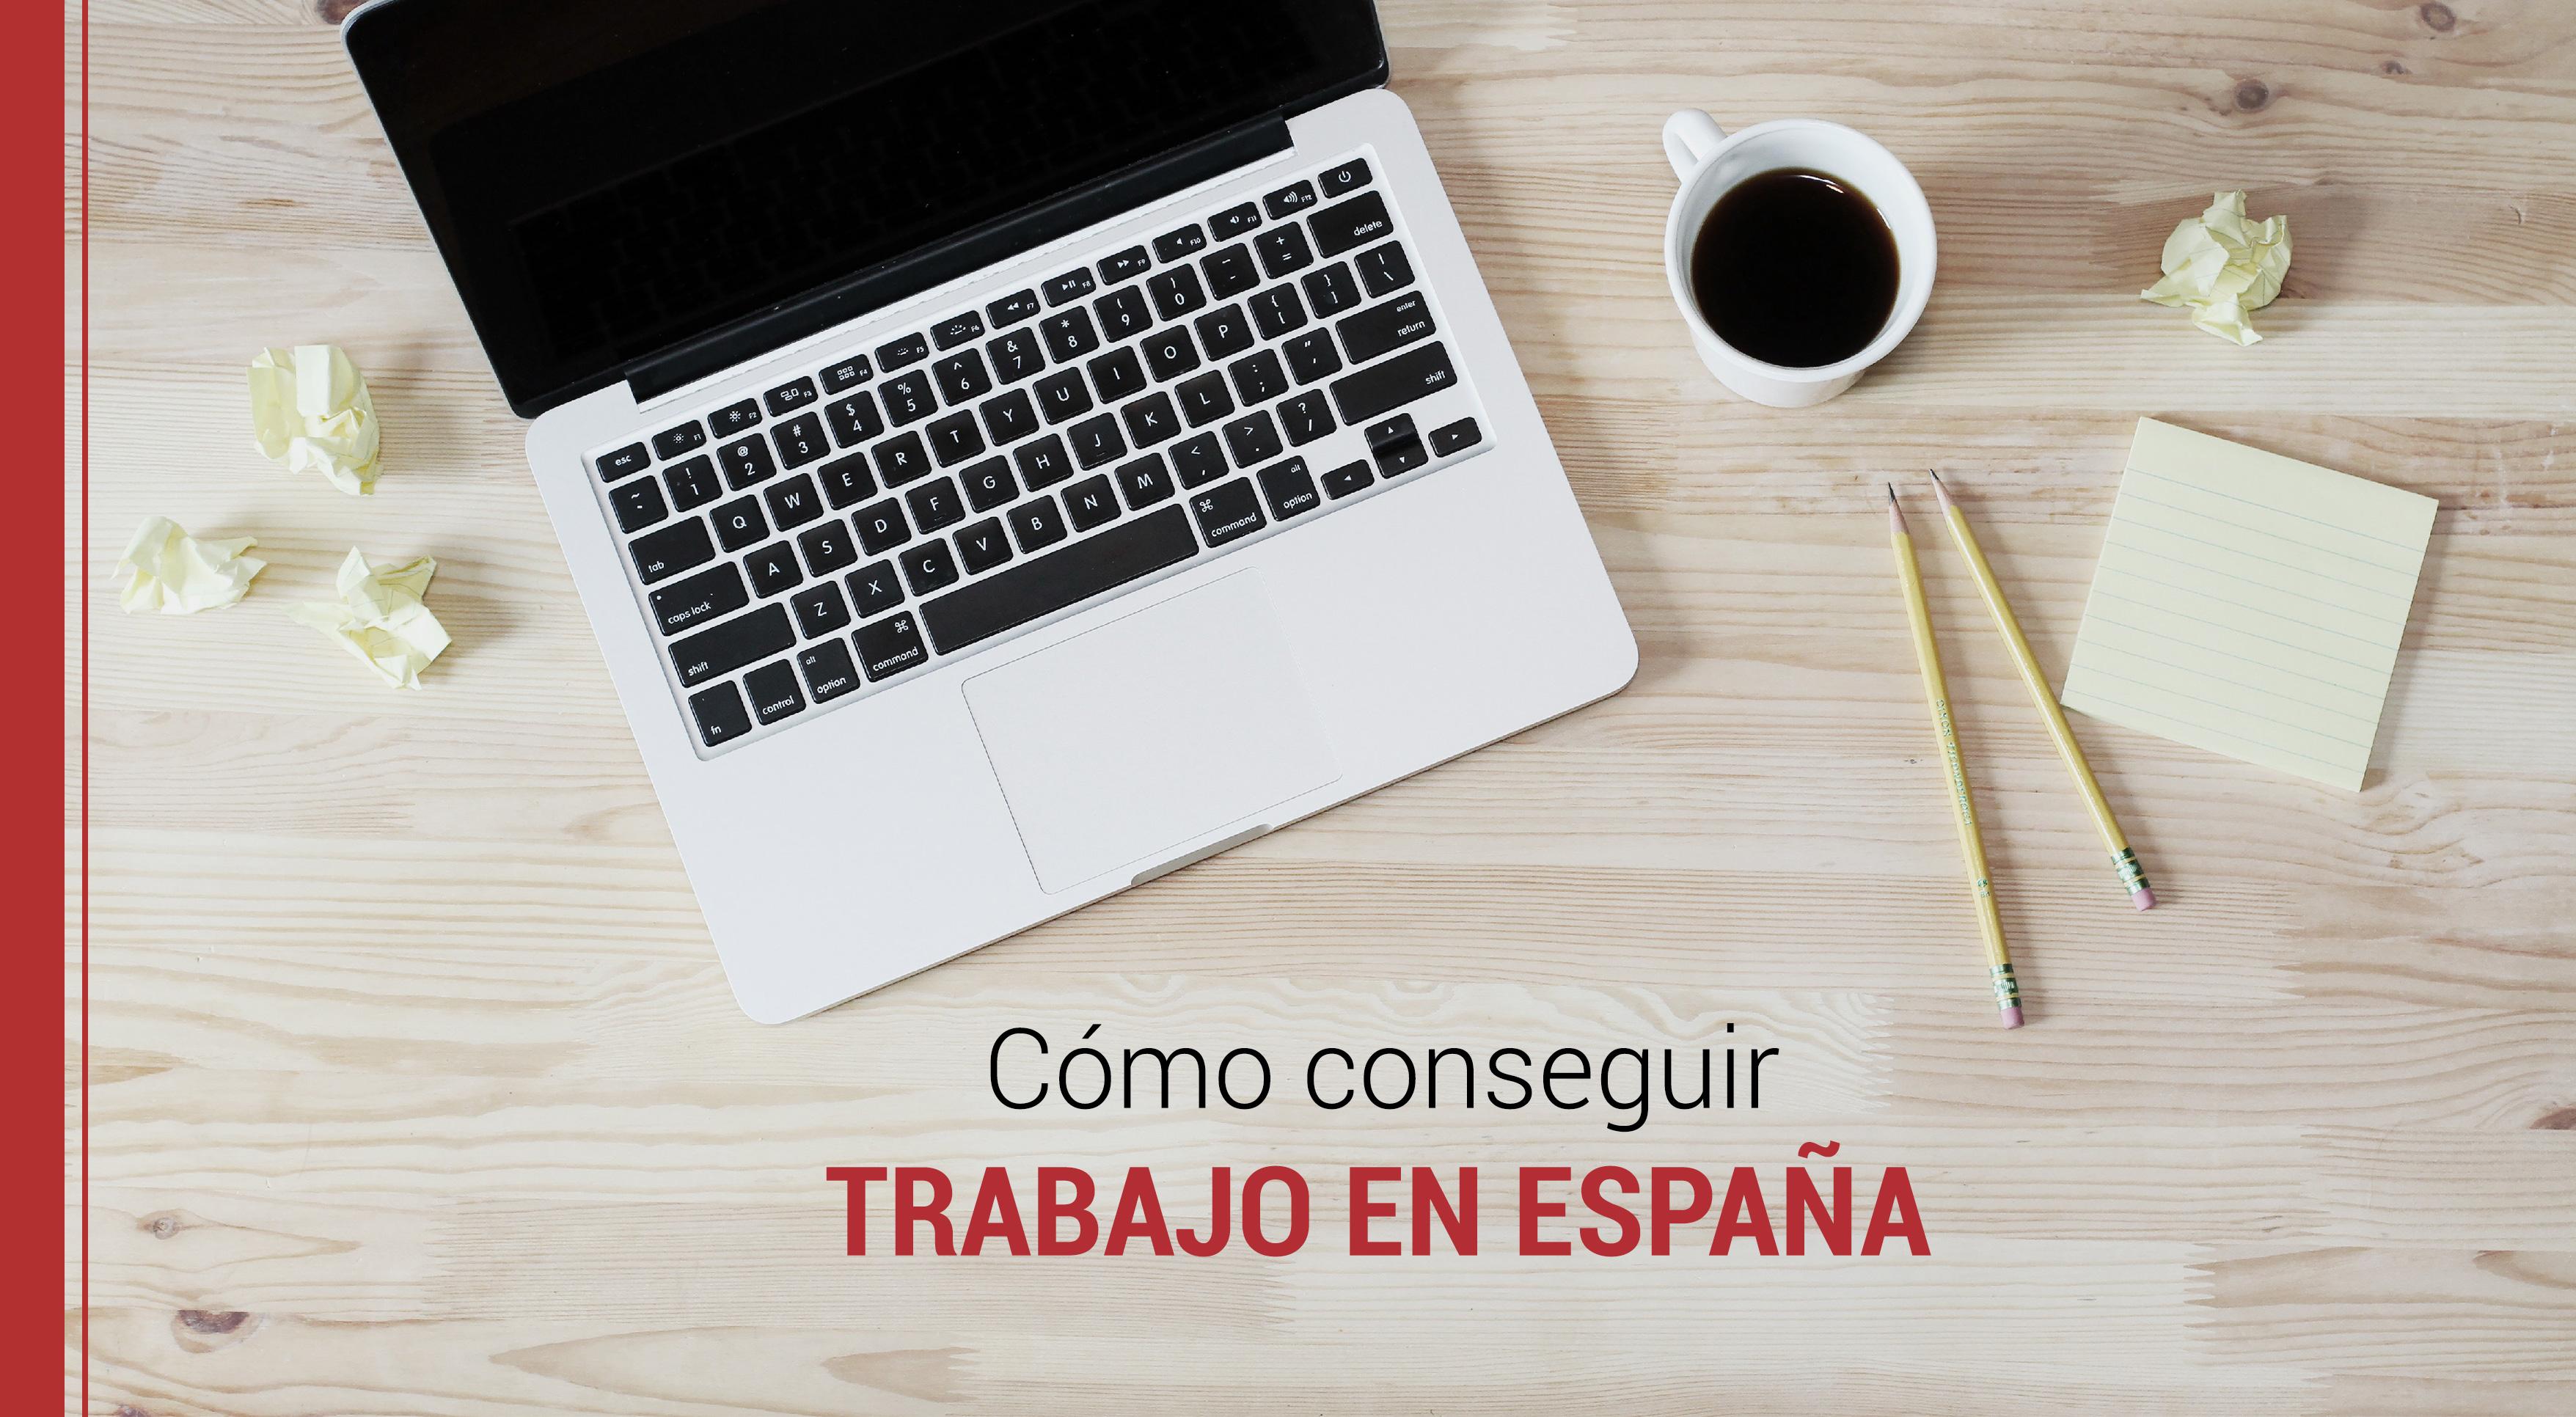 trabajar-en-espana-lograrlo Quiero trabajar en España ¿Cómo puedo lograrlo?